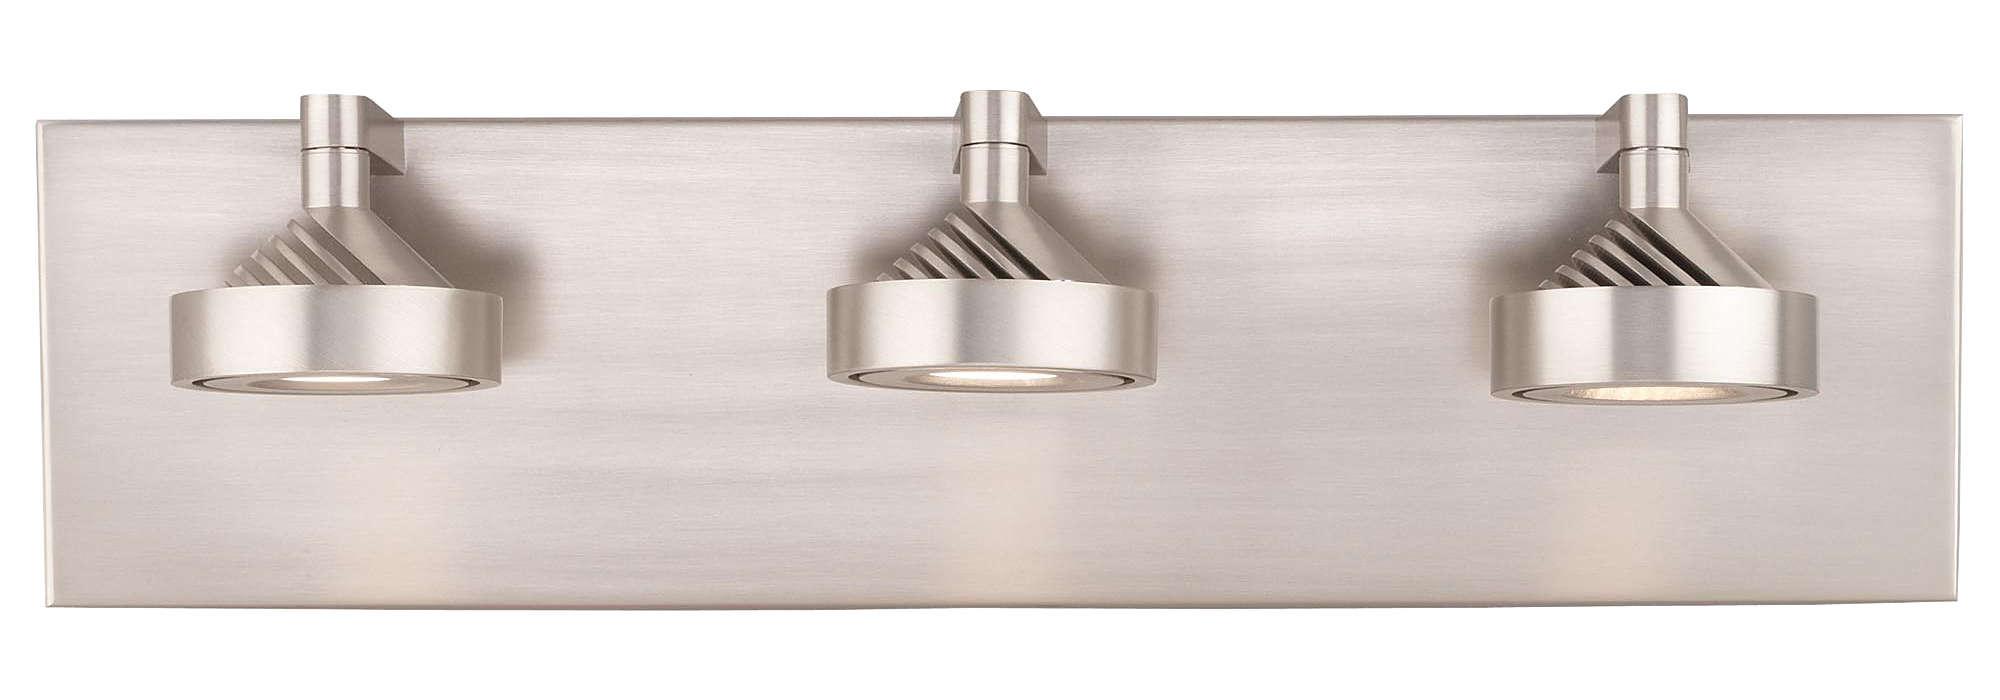 Yo-Yo 3-light LED Bath in Satin Nickel finish